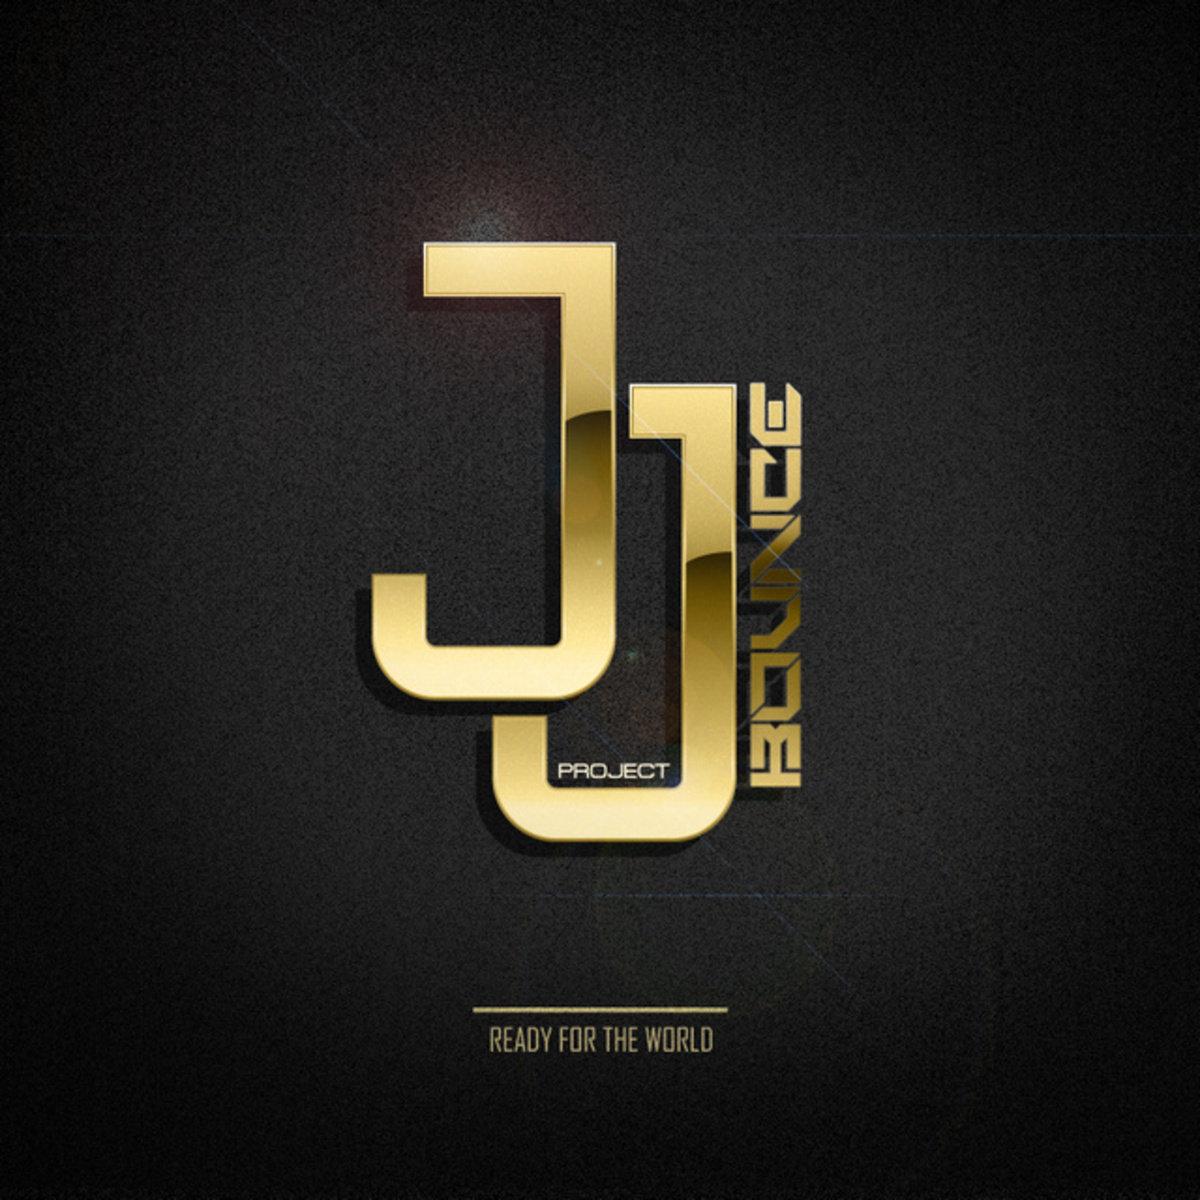 JJ Project - Bounce_GD00013459